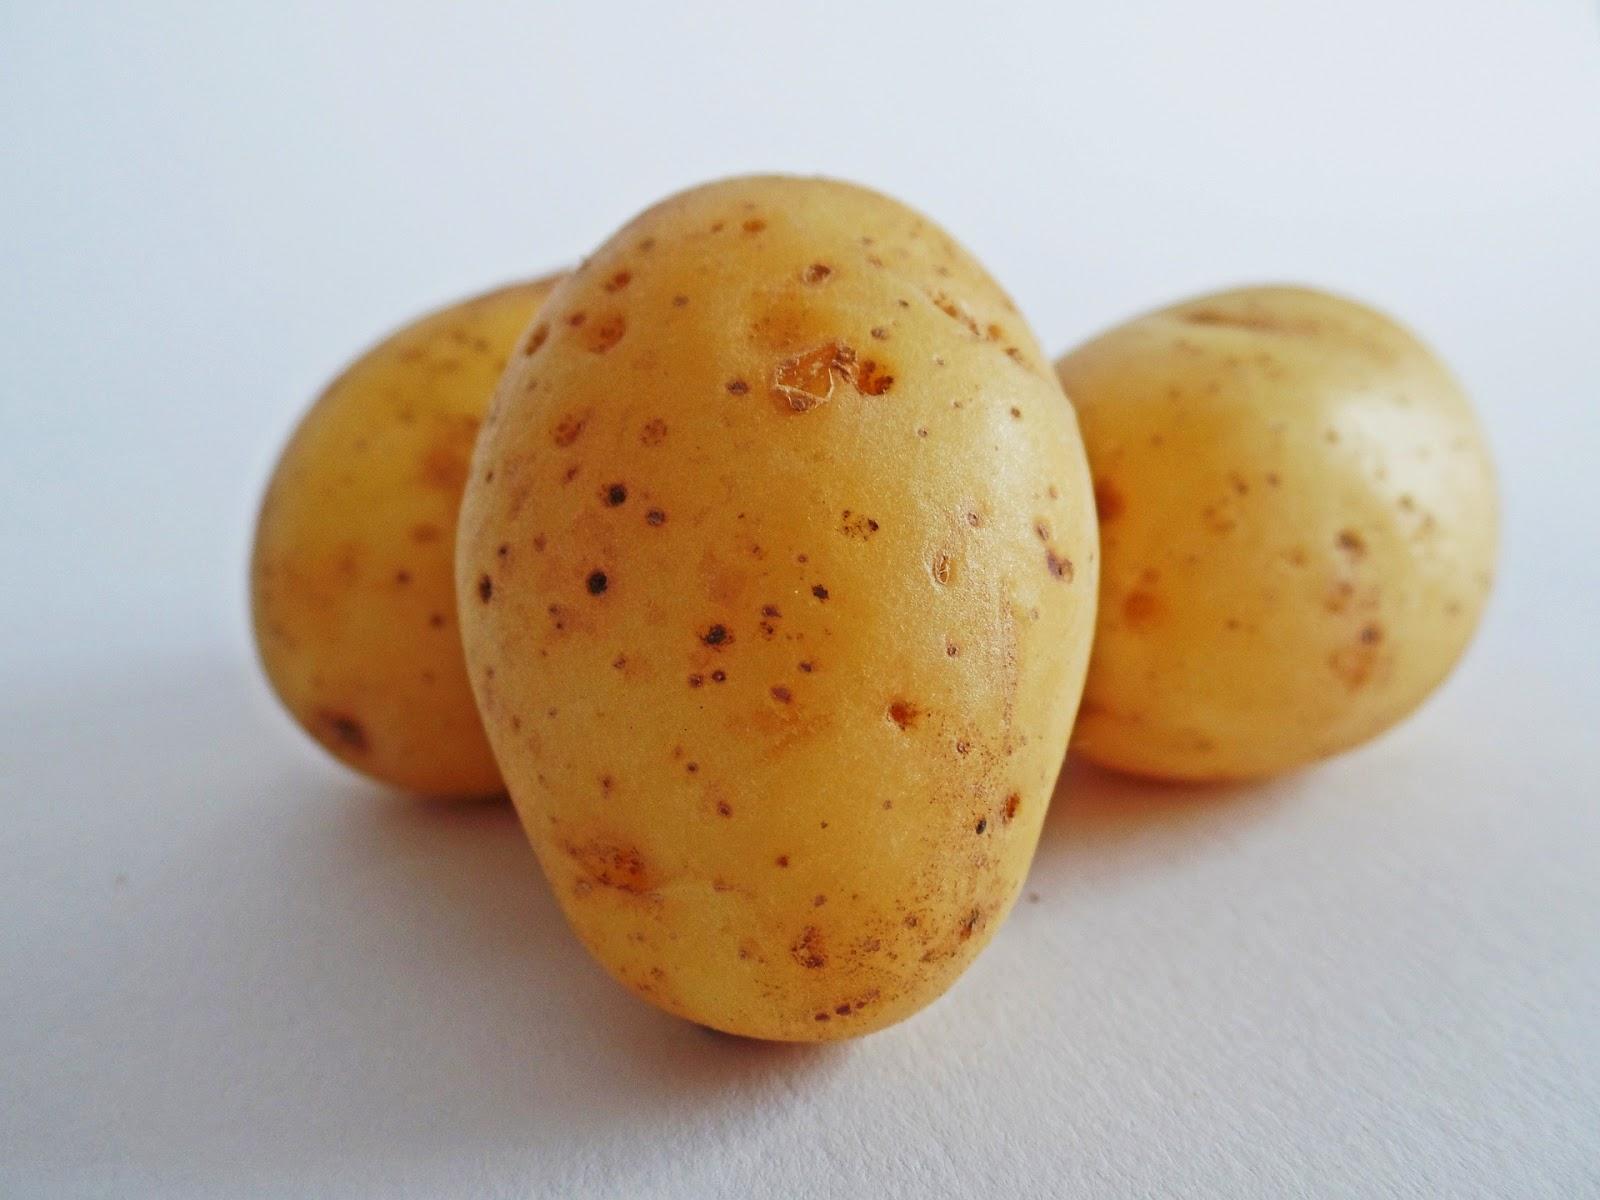 Πώς αποθηκεύουμε τις πατάτες;